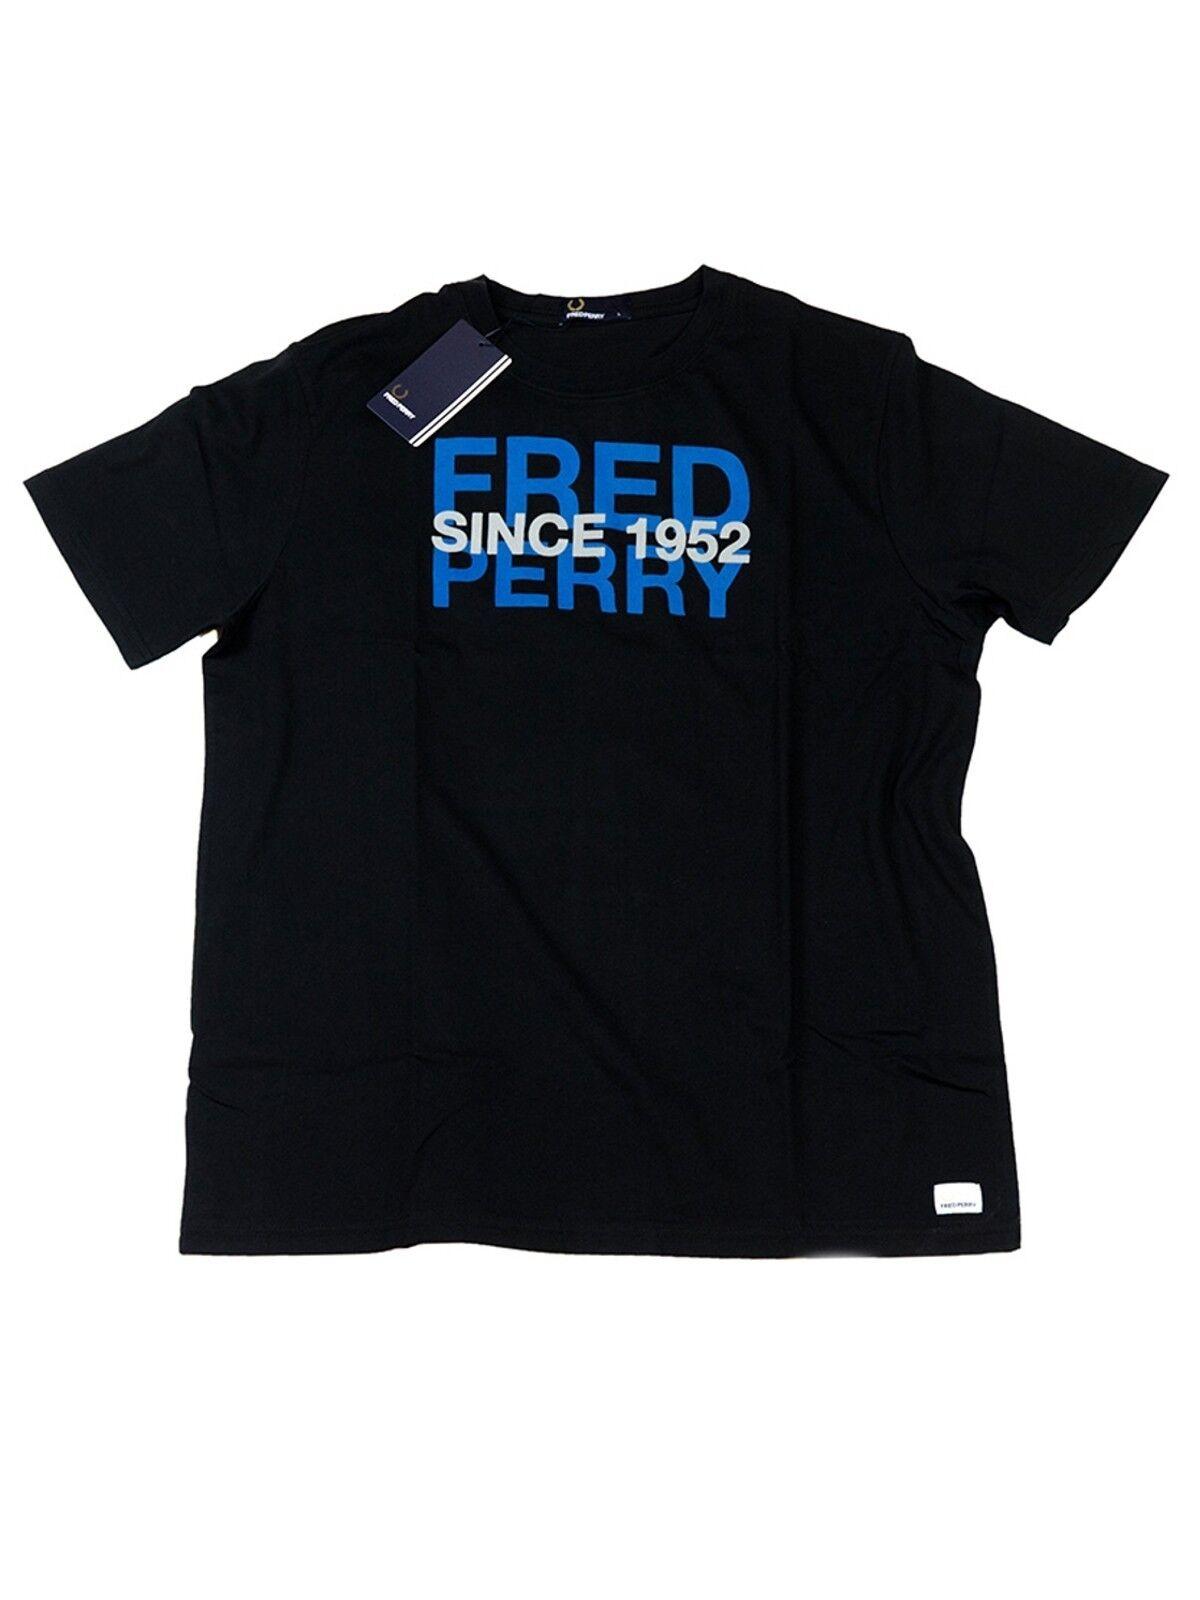 Frosso Perry T-Shirt Nero/Blu 102 m6341 102 Nero/Blu  5504 3835f3